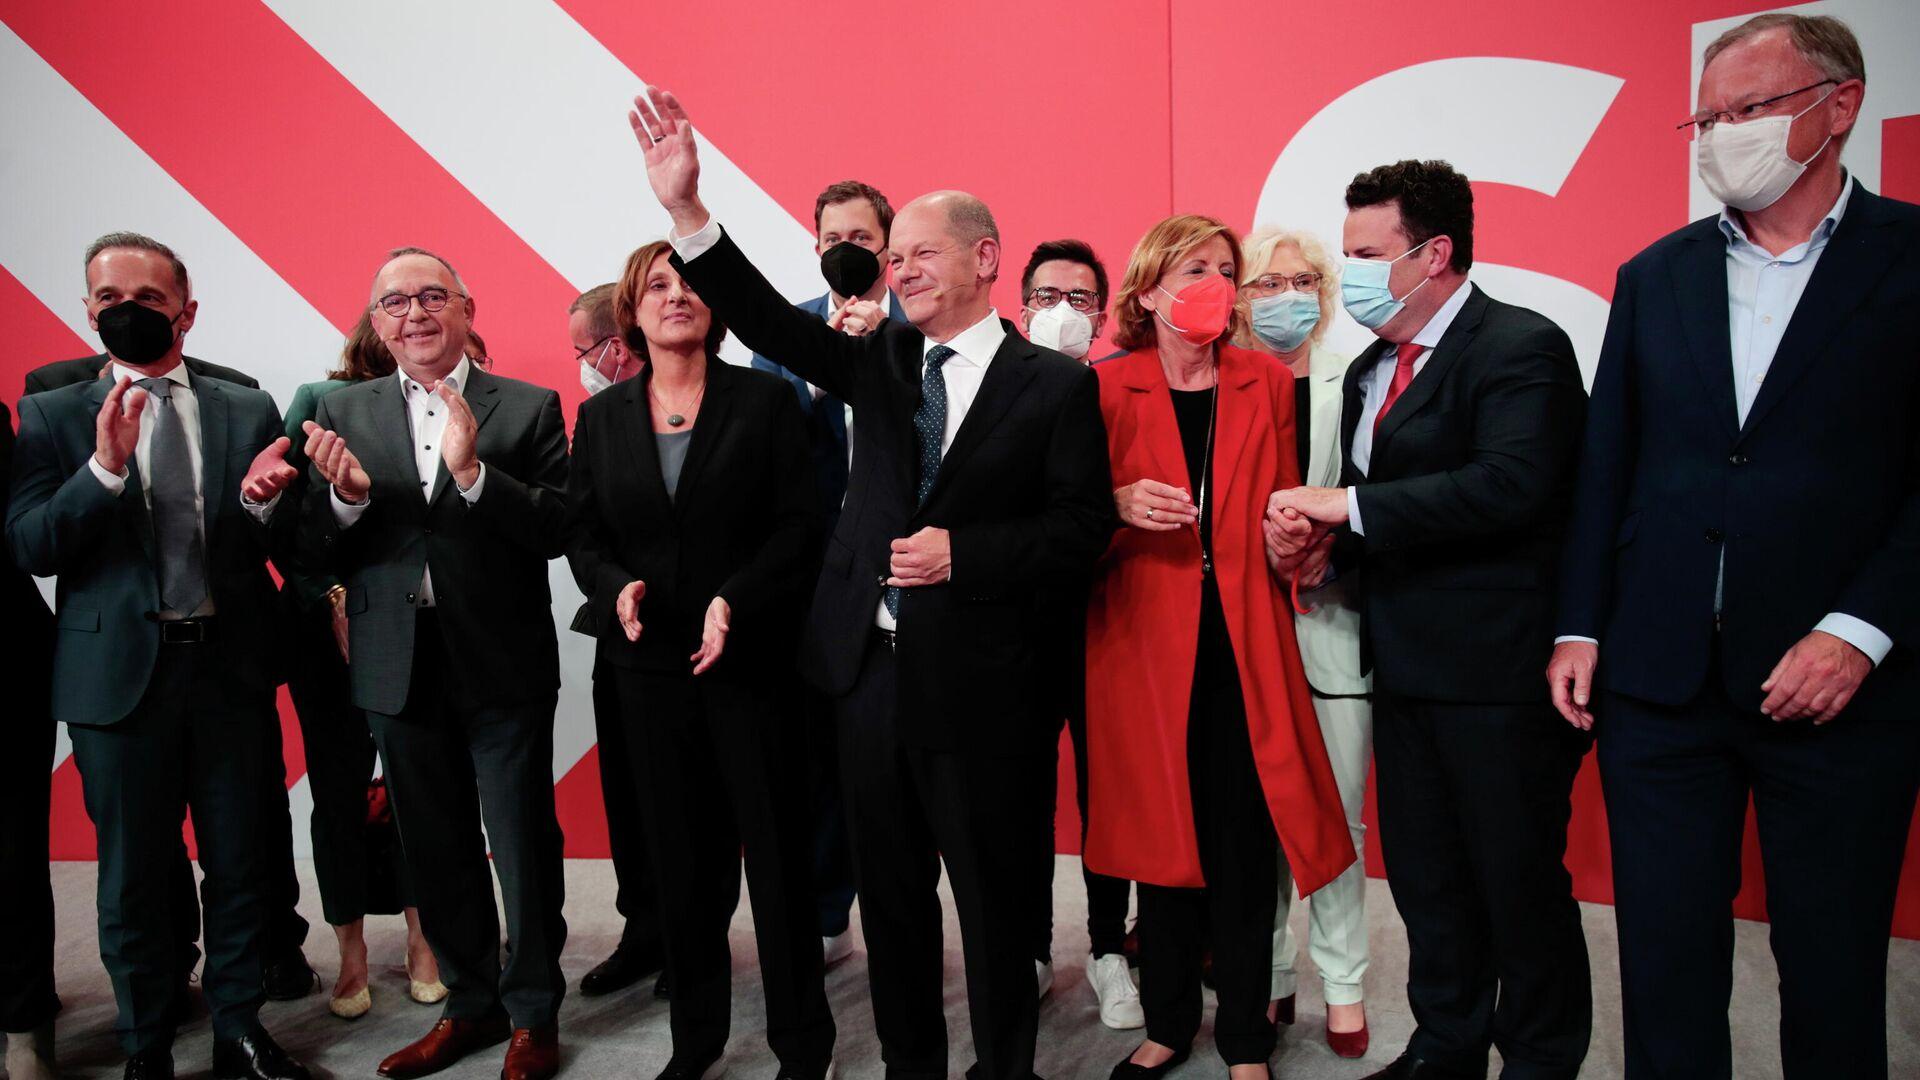 El Partido Socialdemócrata (SPD) de Alemania - Sputnik Mundo, 1920, 26.09.2021